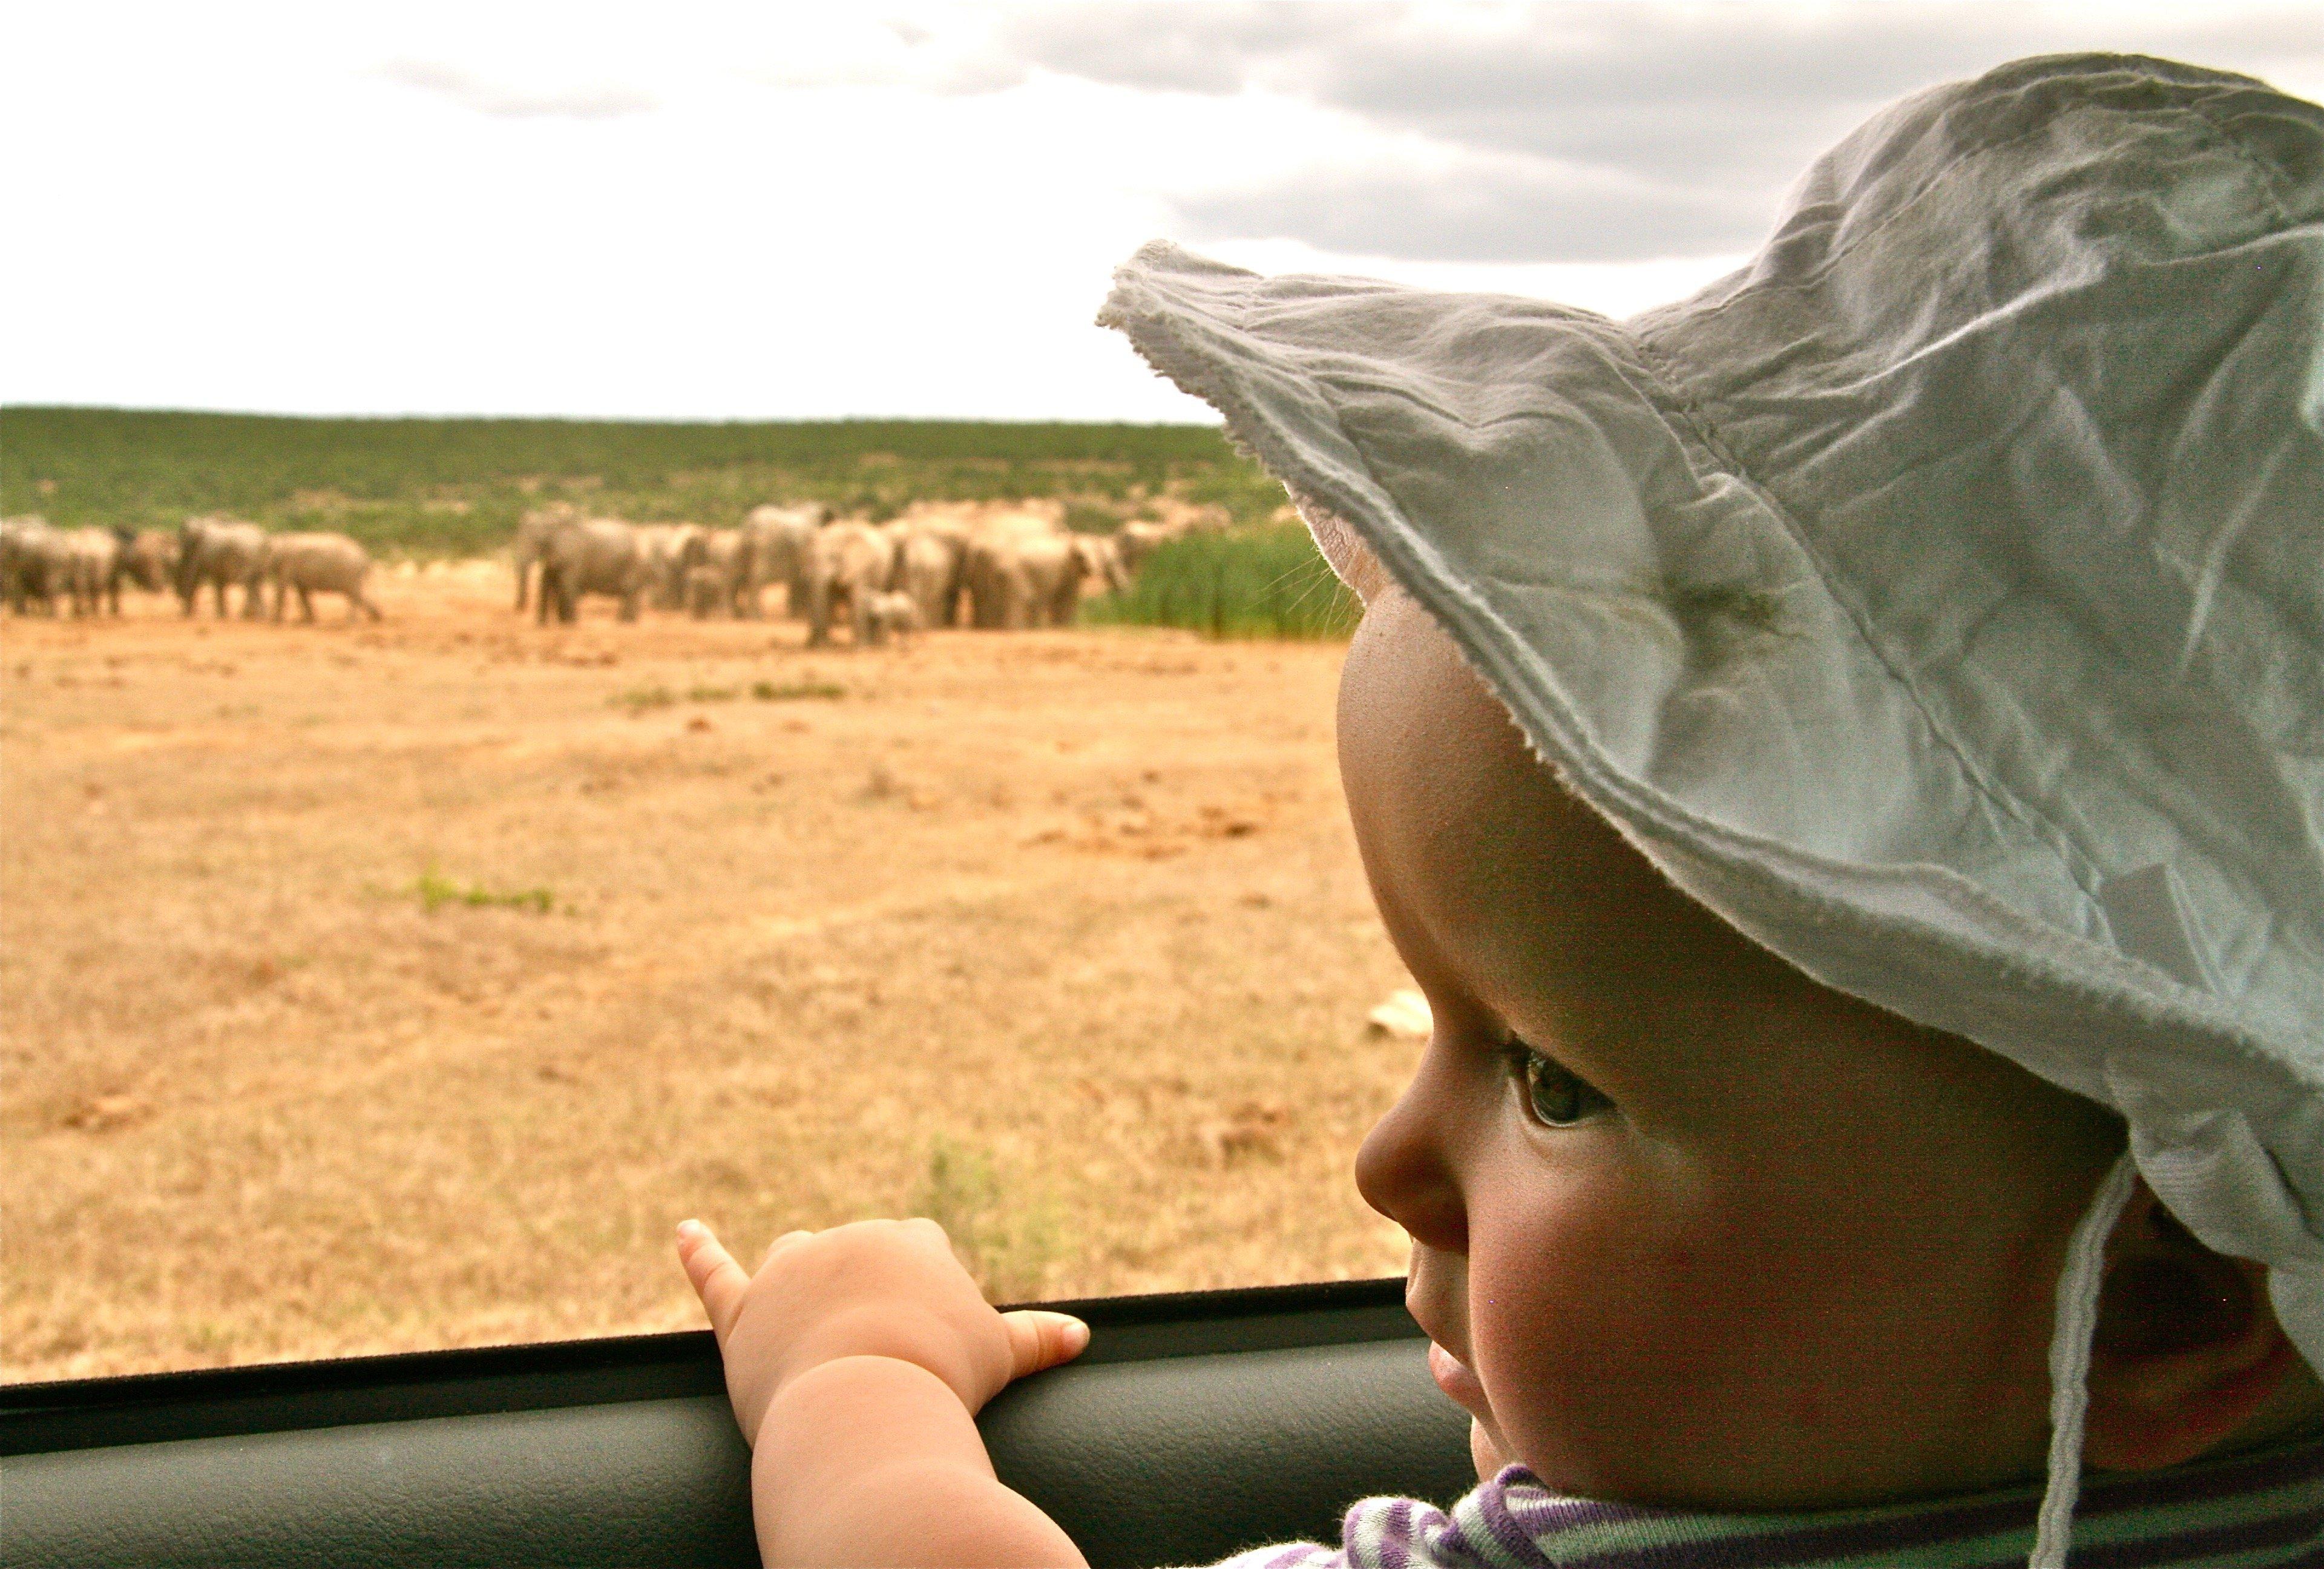 In Südafrika können schon die Kleinsten auf Safari gehen. © Susanne Frank